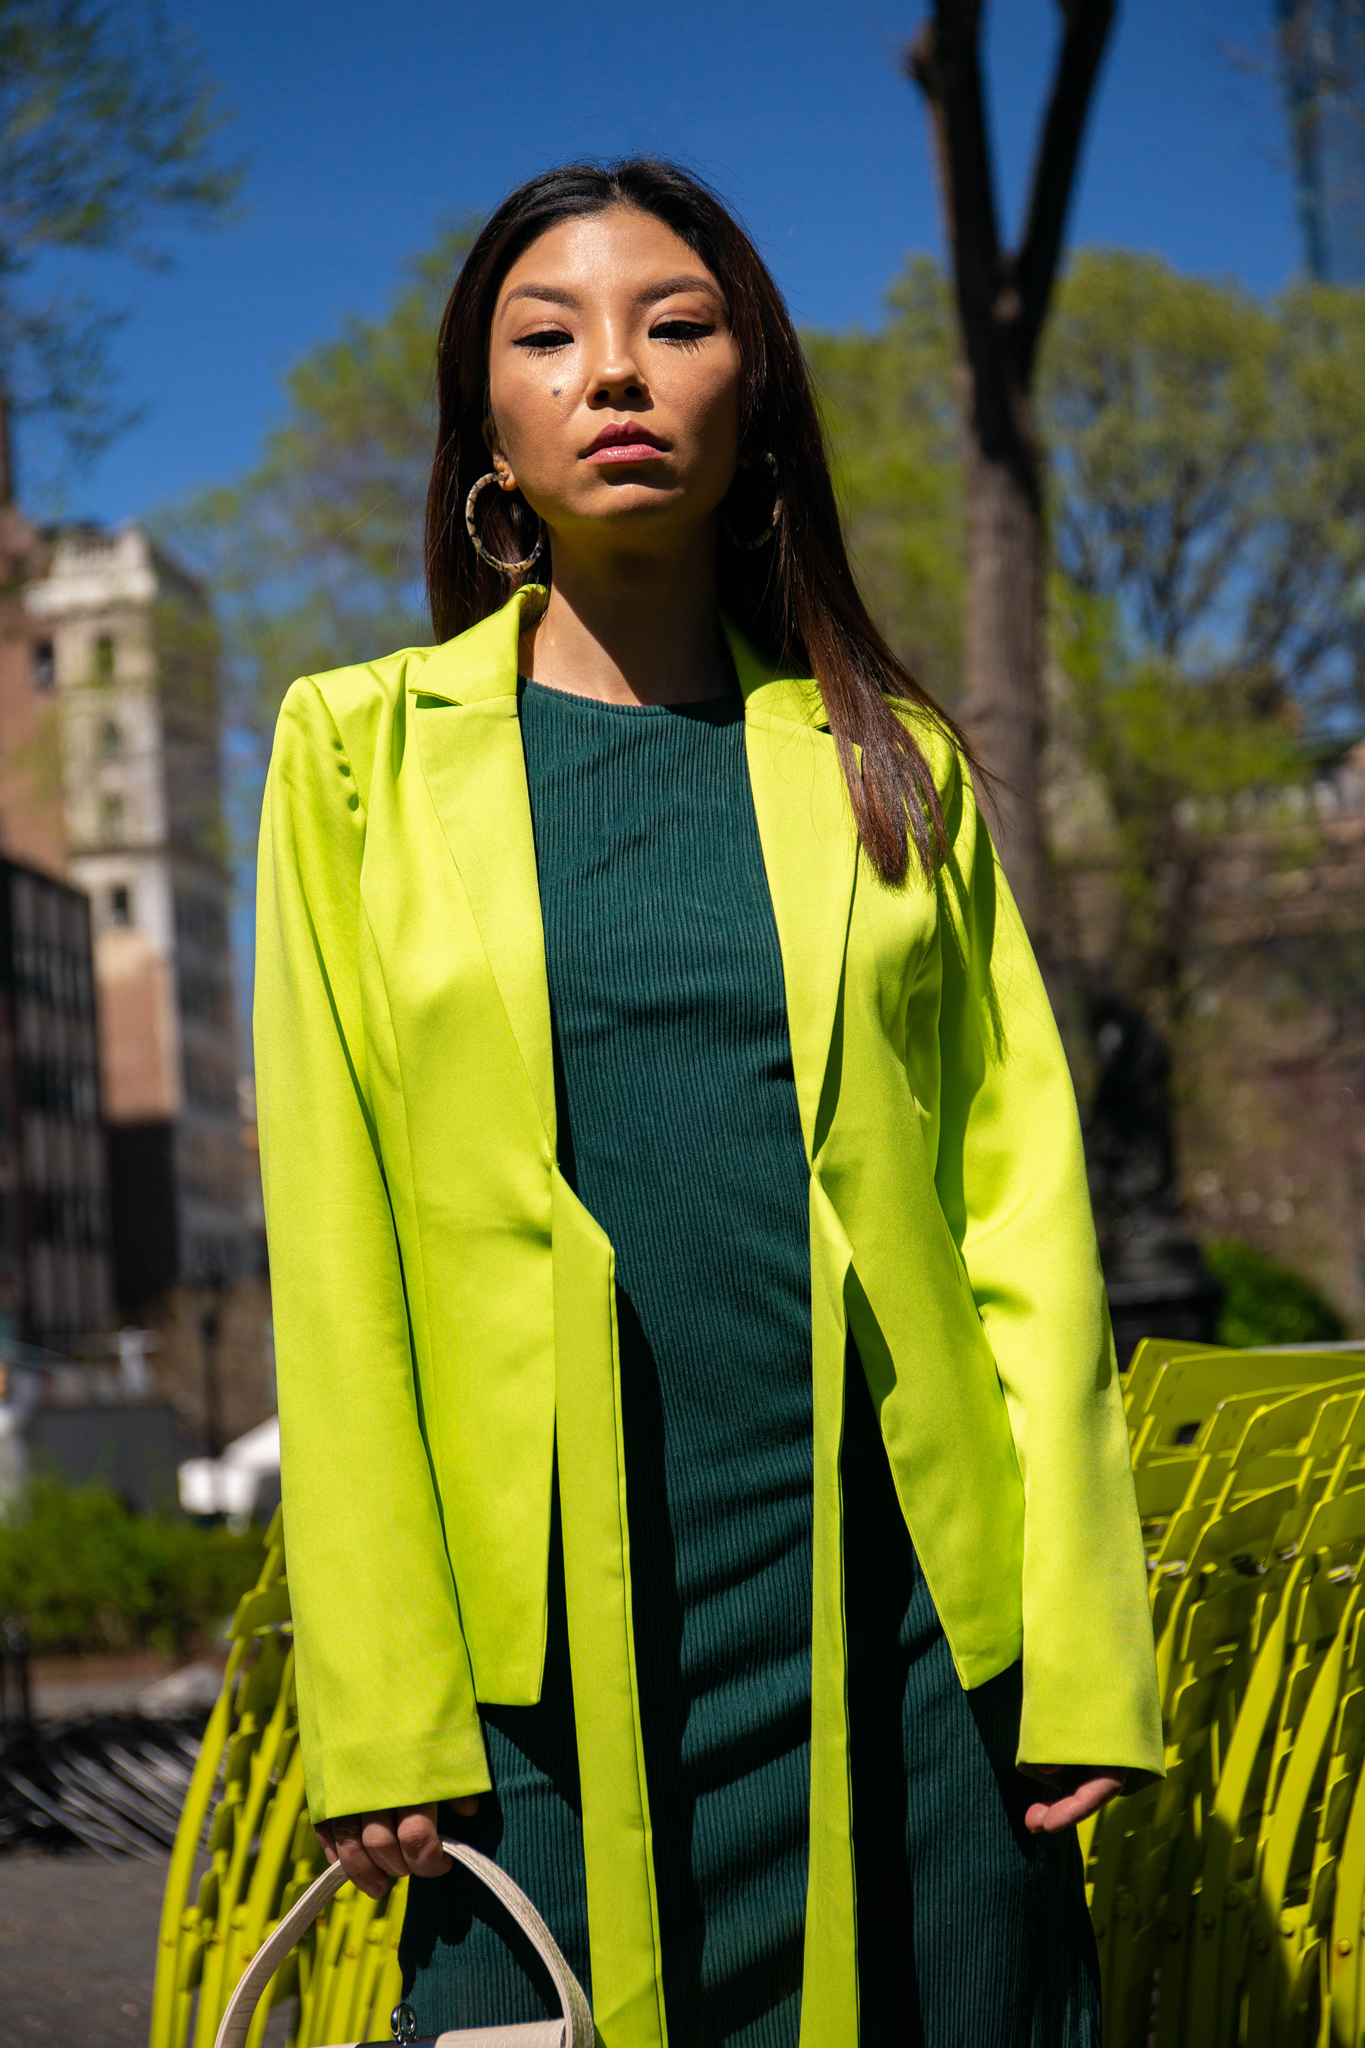 Neon green blazer